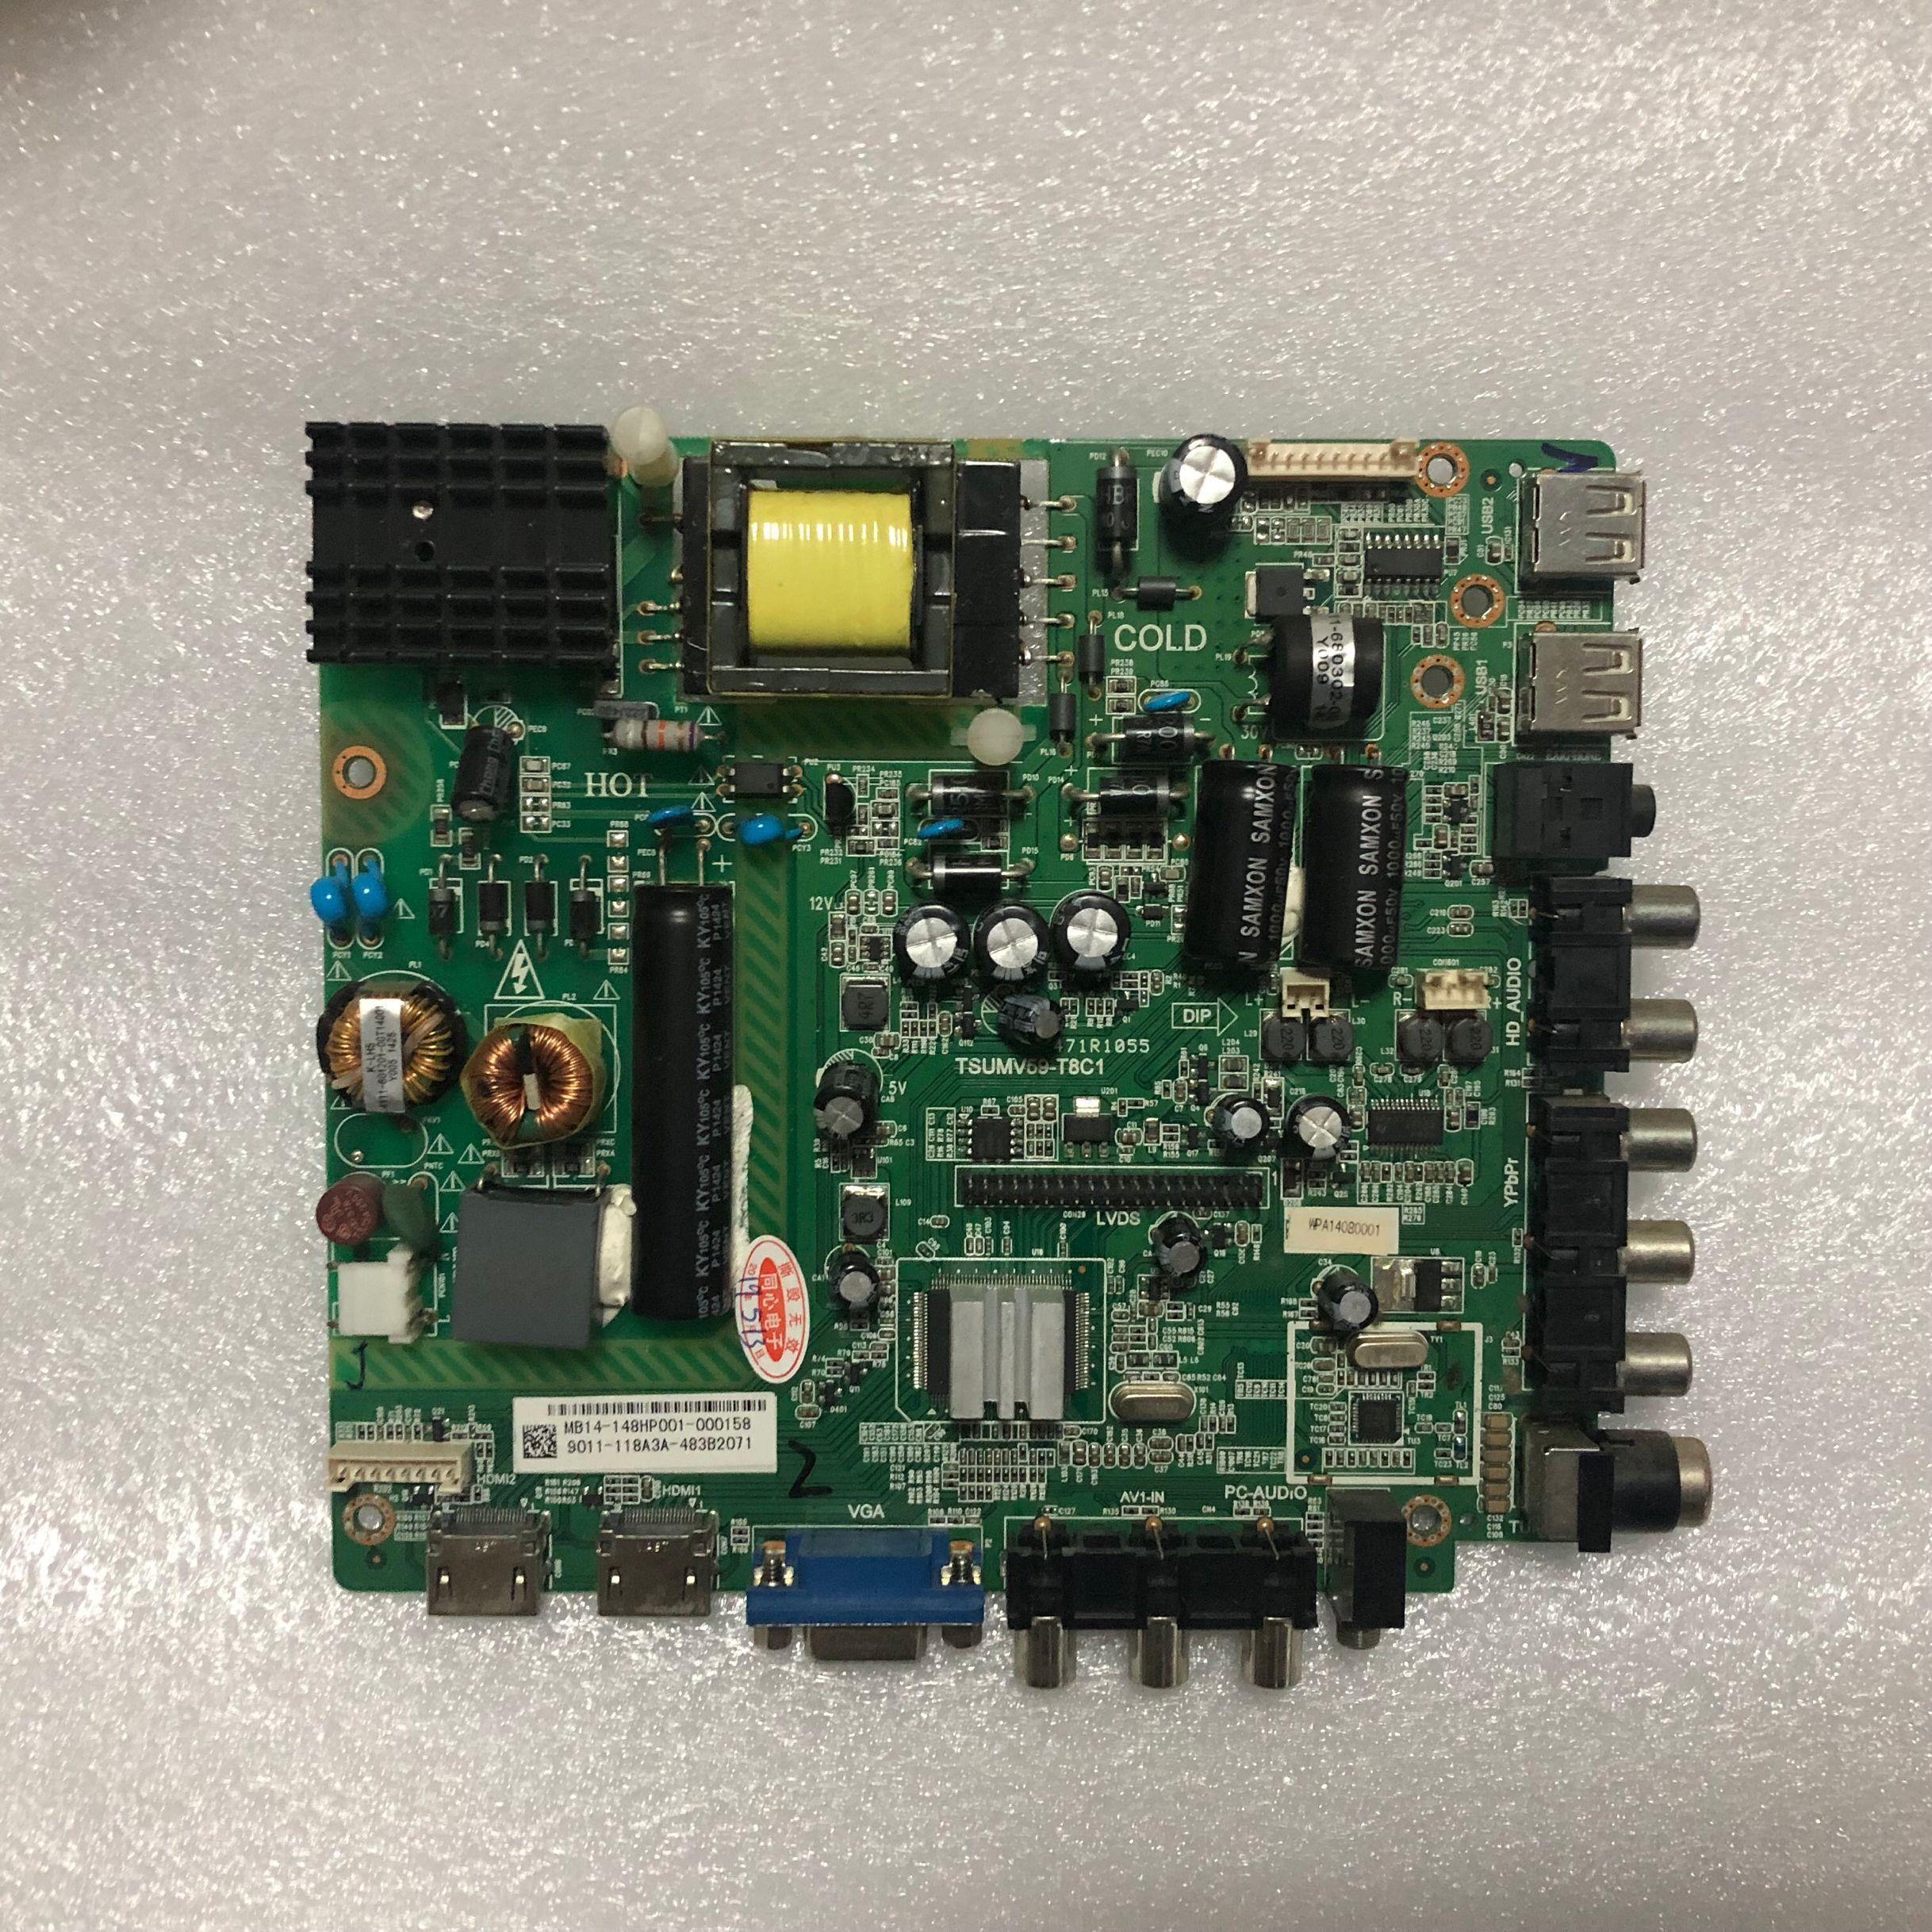 SZYLIJ Original 39PFL3041 T3 mainboard TSUMV59 T8C1 4715 MV59T8 A3233K01 for 39inch